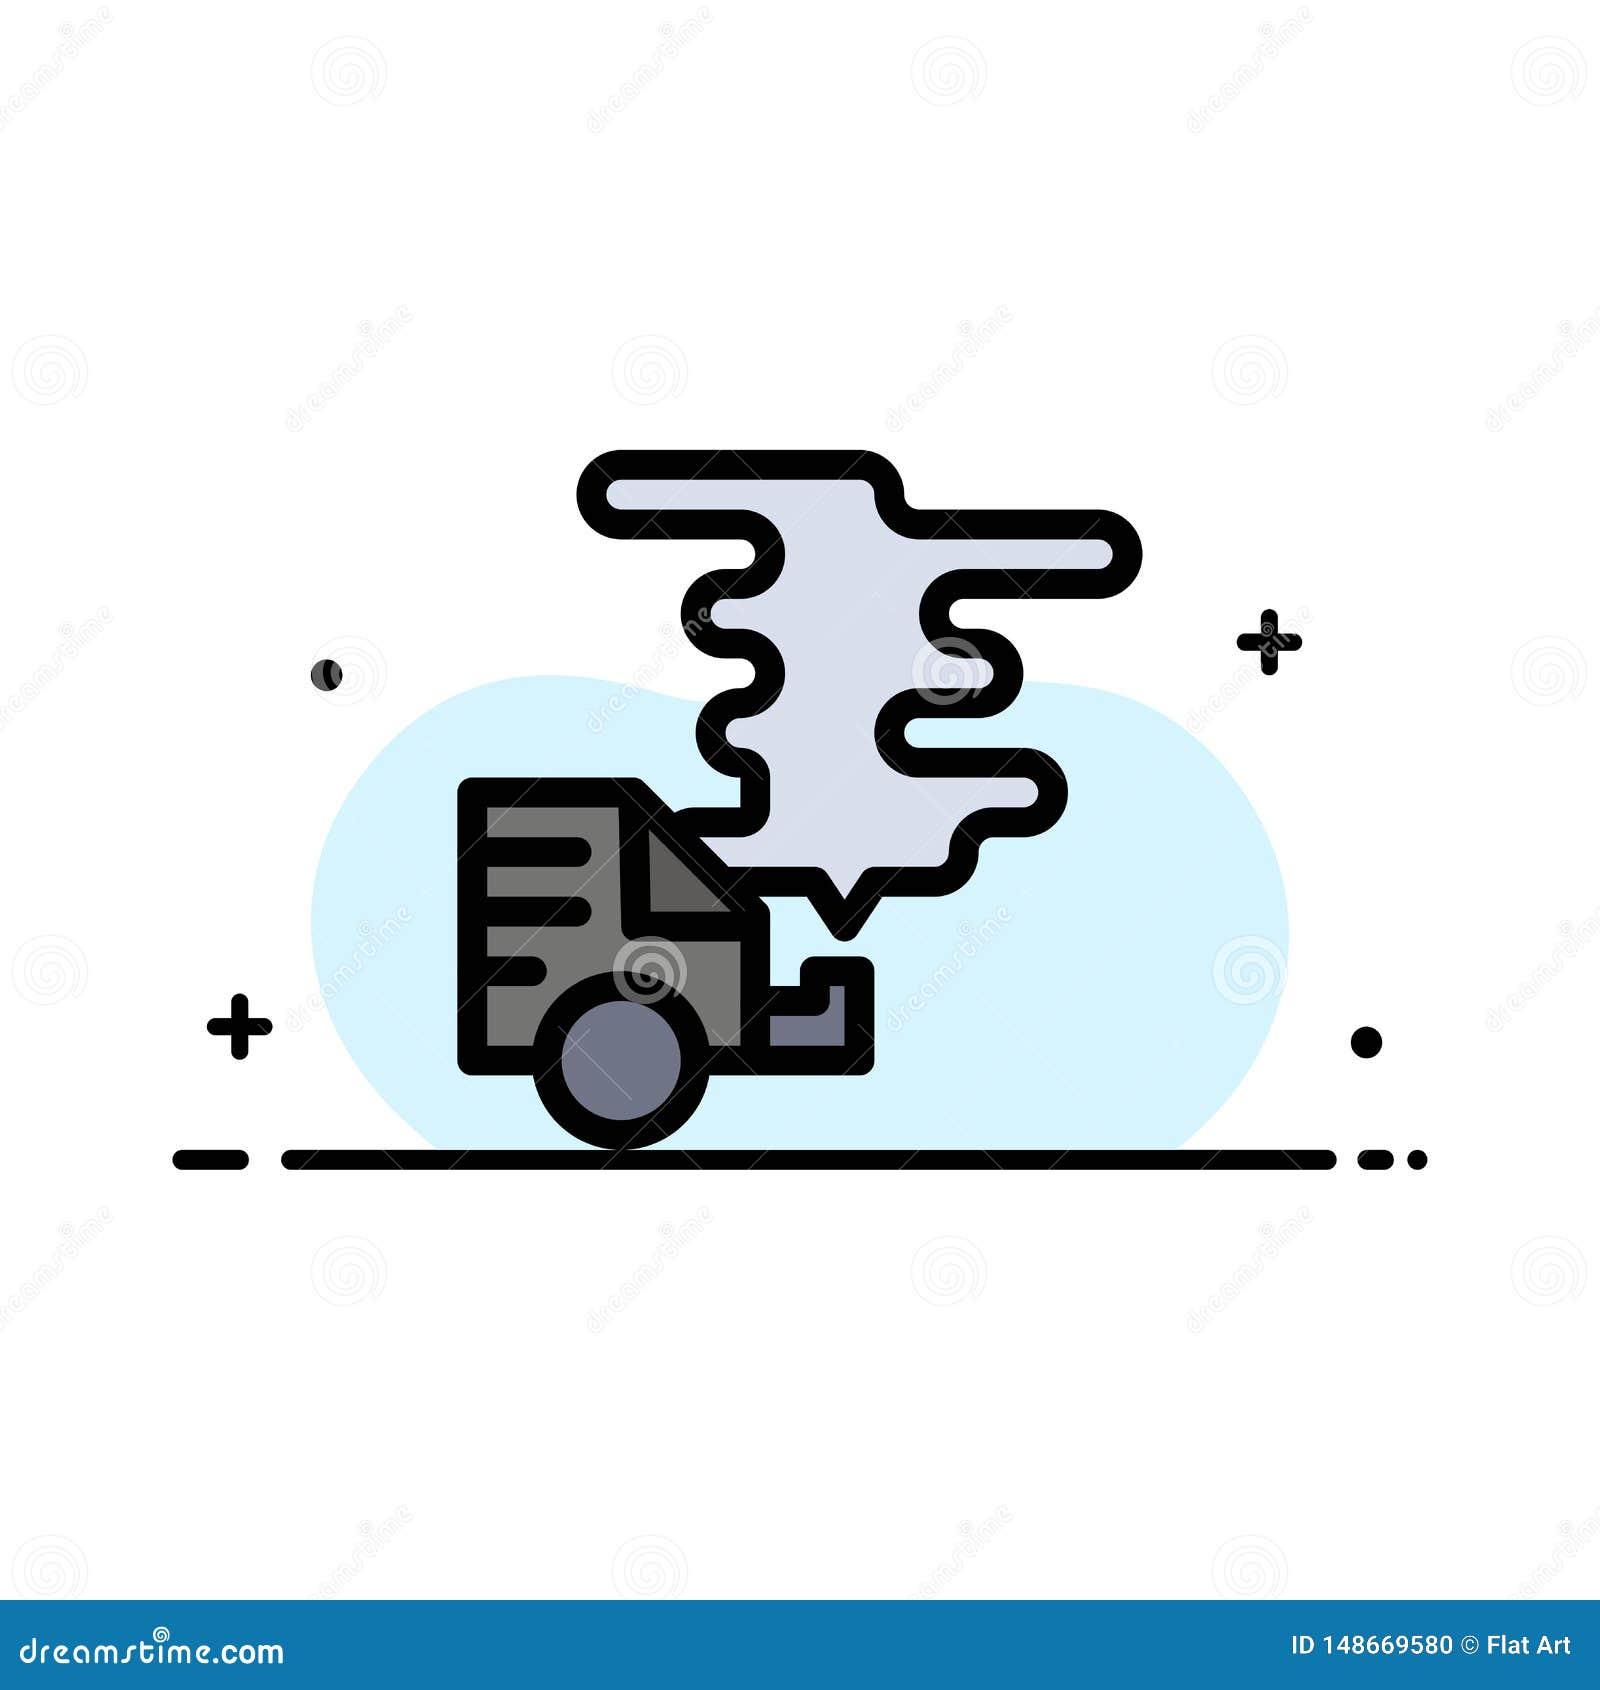 Αυτοκίνητο, αυτοκίνητο, εκπομπή, αέριο, ρύπανσης πρότυπο εμβλημάτων επιχειρησιακών επίπεδο γεμισμένο γραμμή εικονιδίων διανυσματι